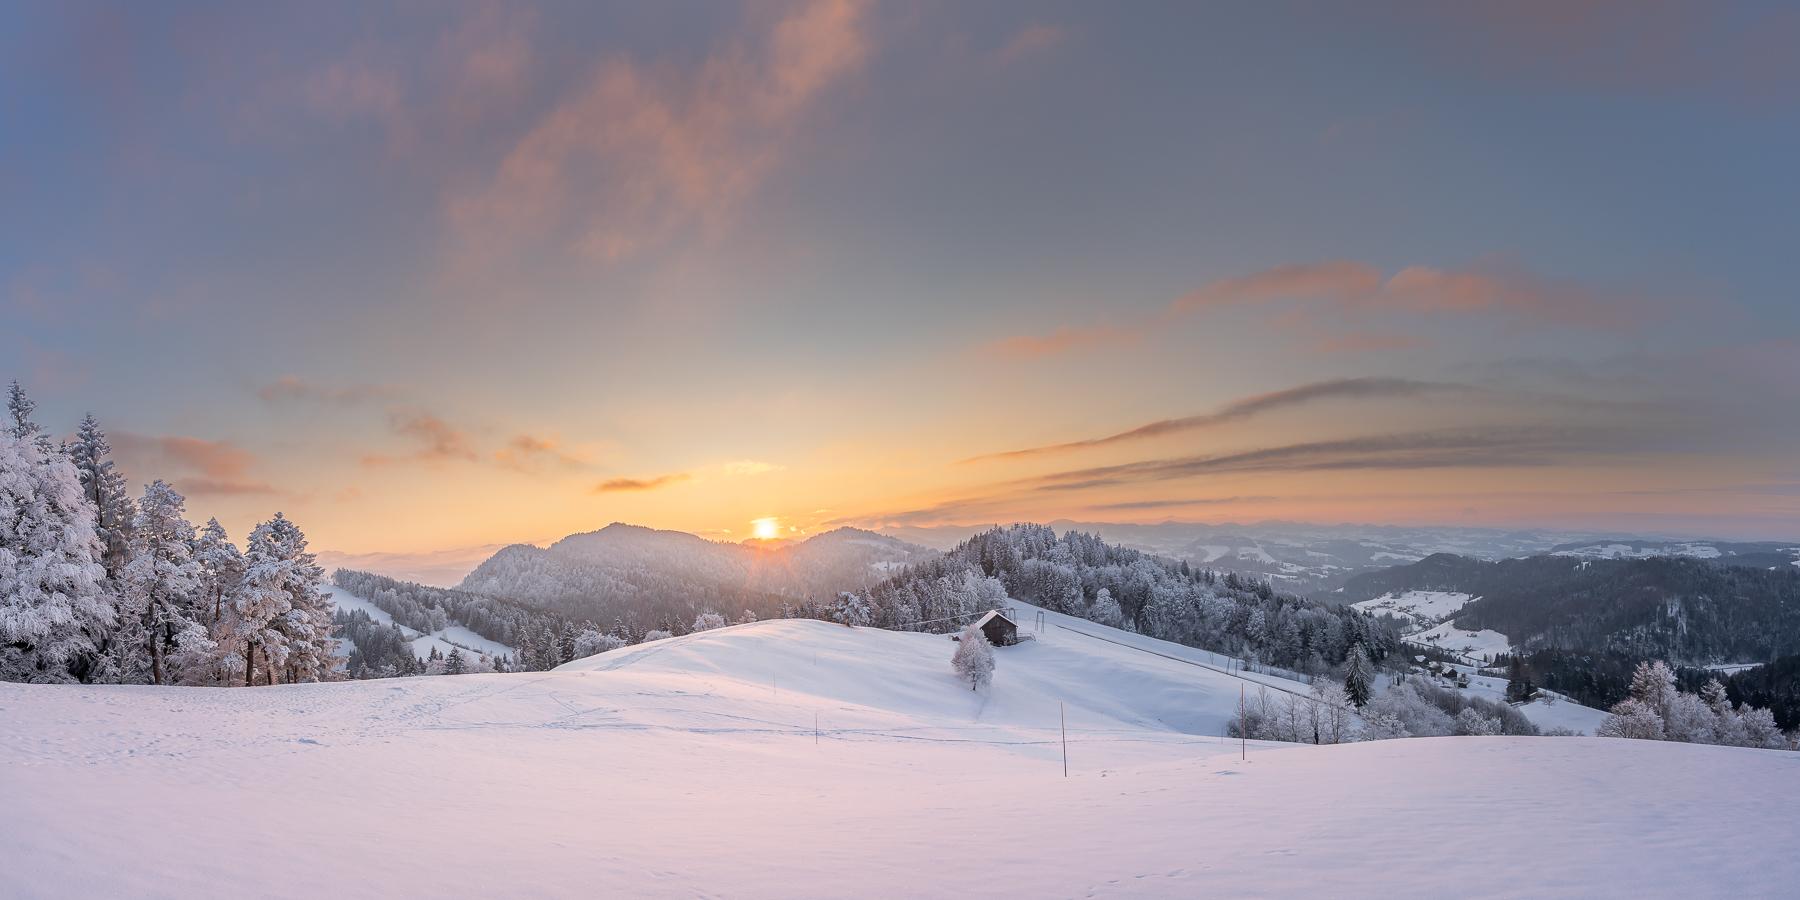 Bild Nr. 2020_0726: Letzte Sonnenstrahlen über der Winterlandschaft